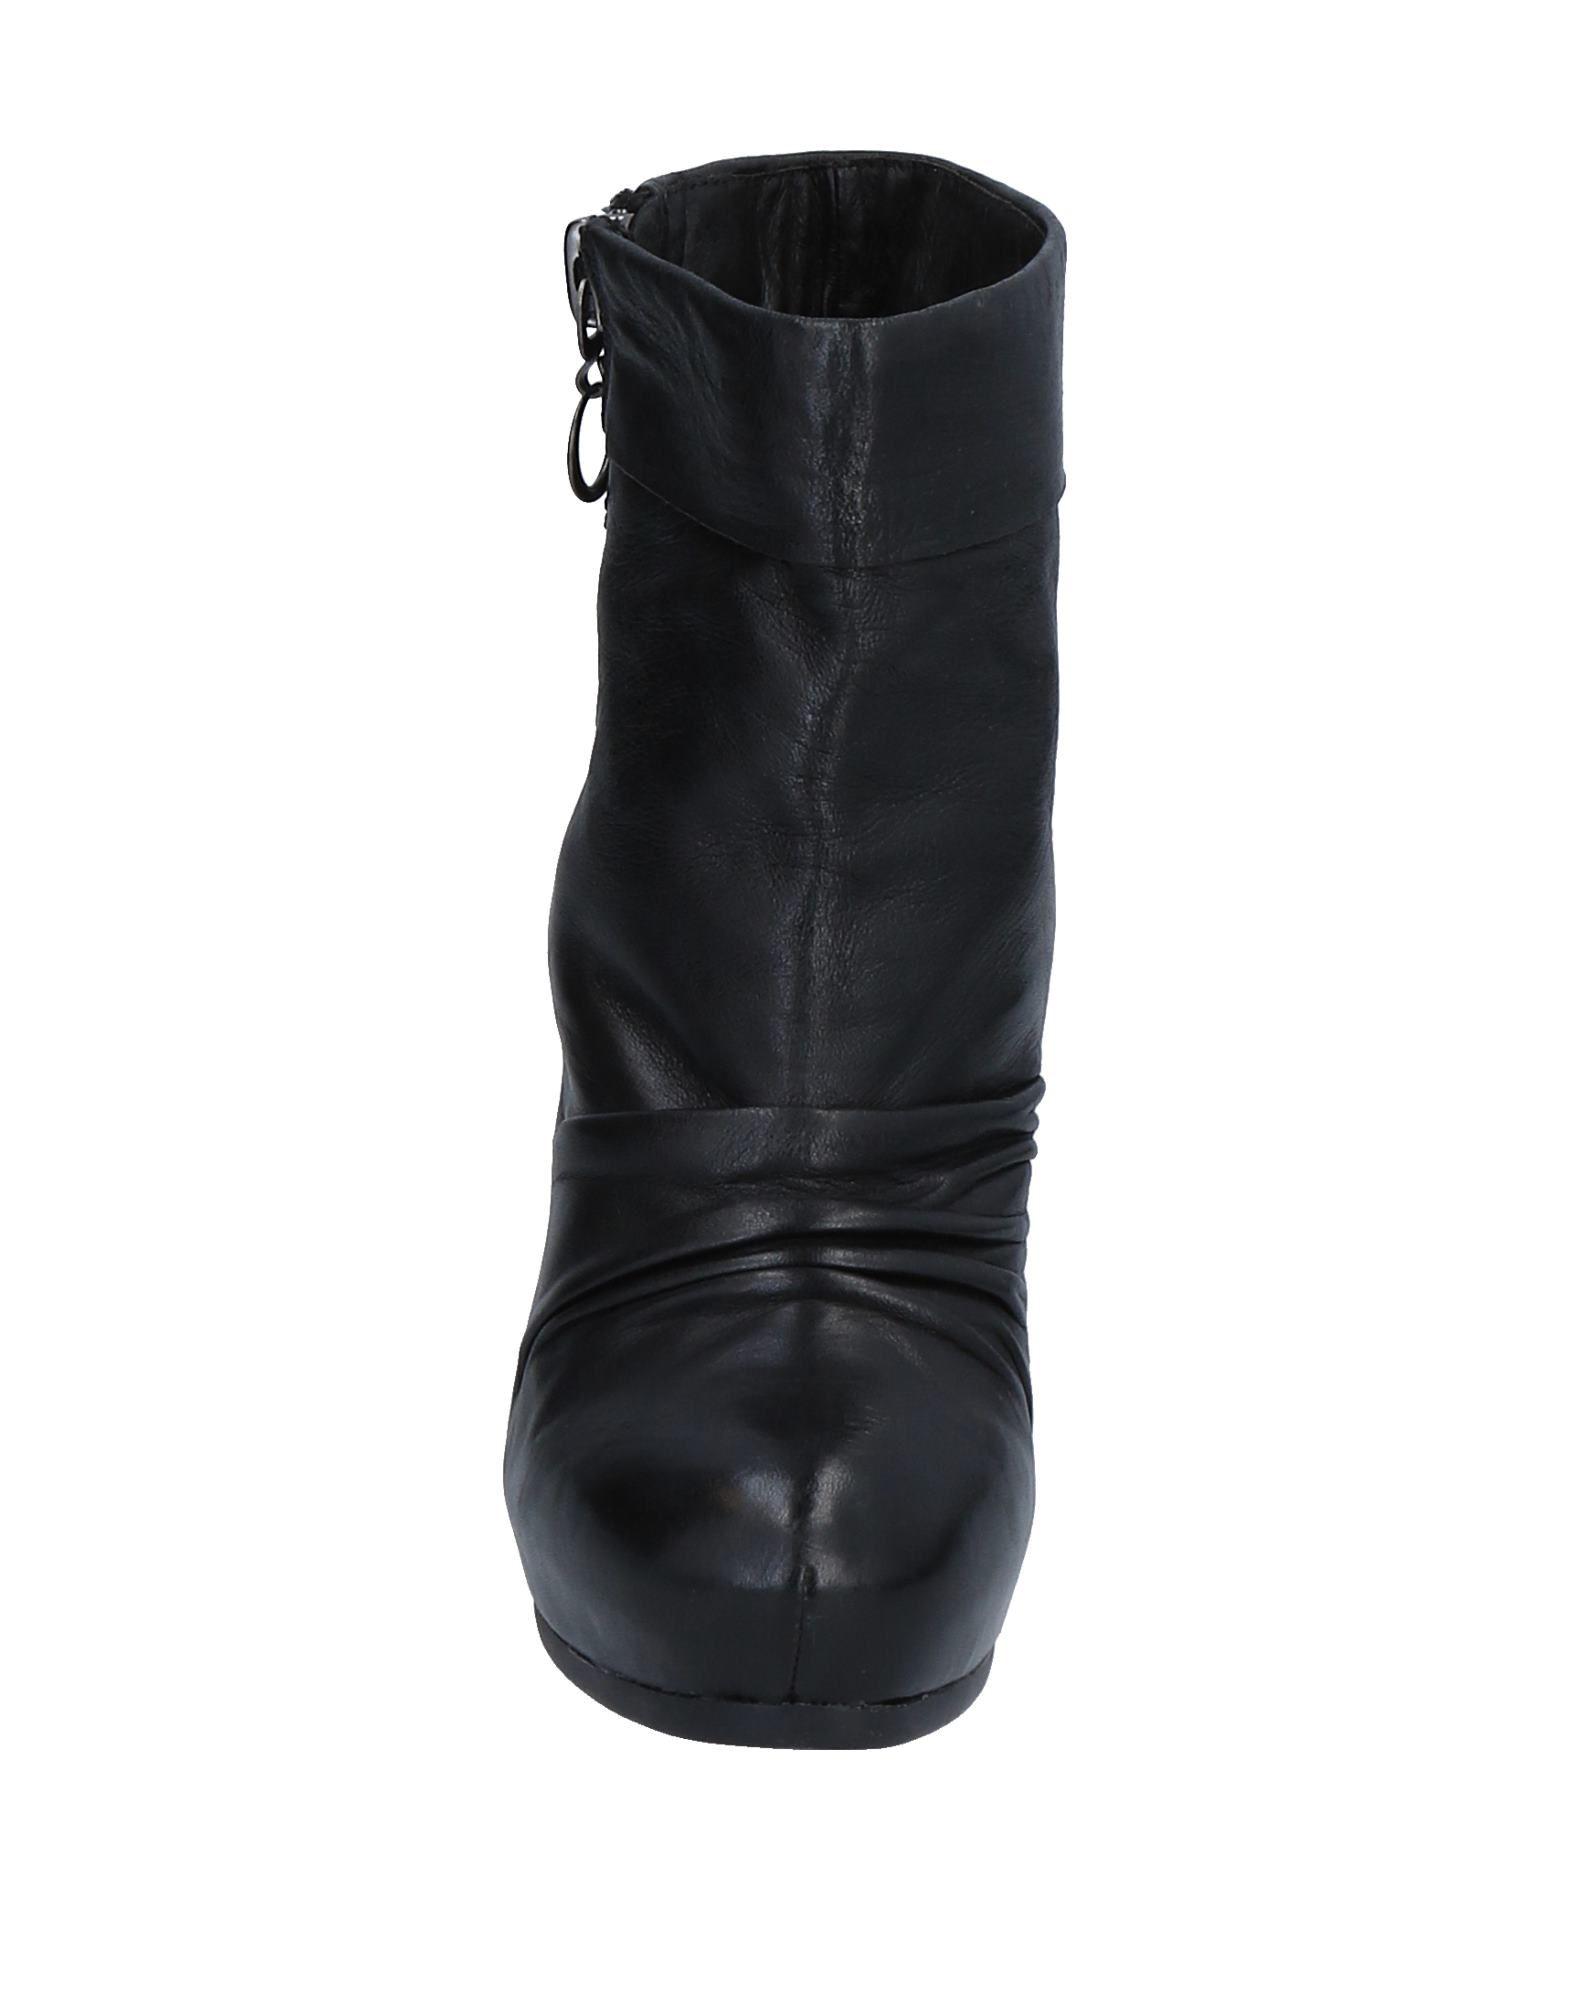 Stilvolle Damen billige Schuhe Ash Stiefelette Damen Stilvolle  11525875SN a6f28a